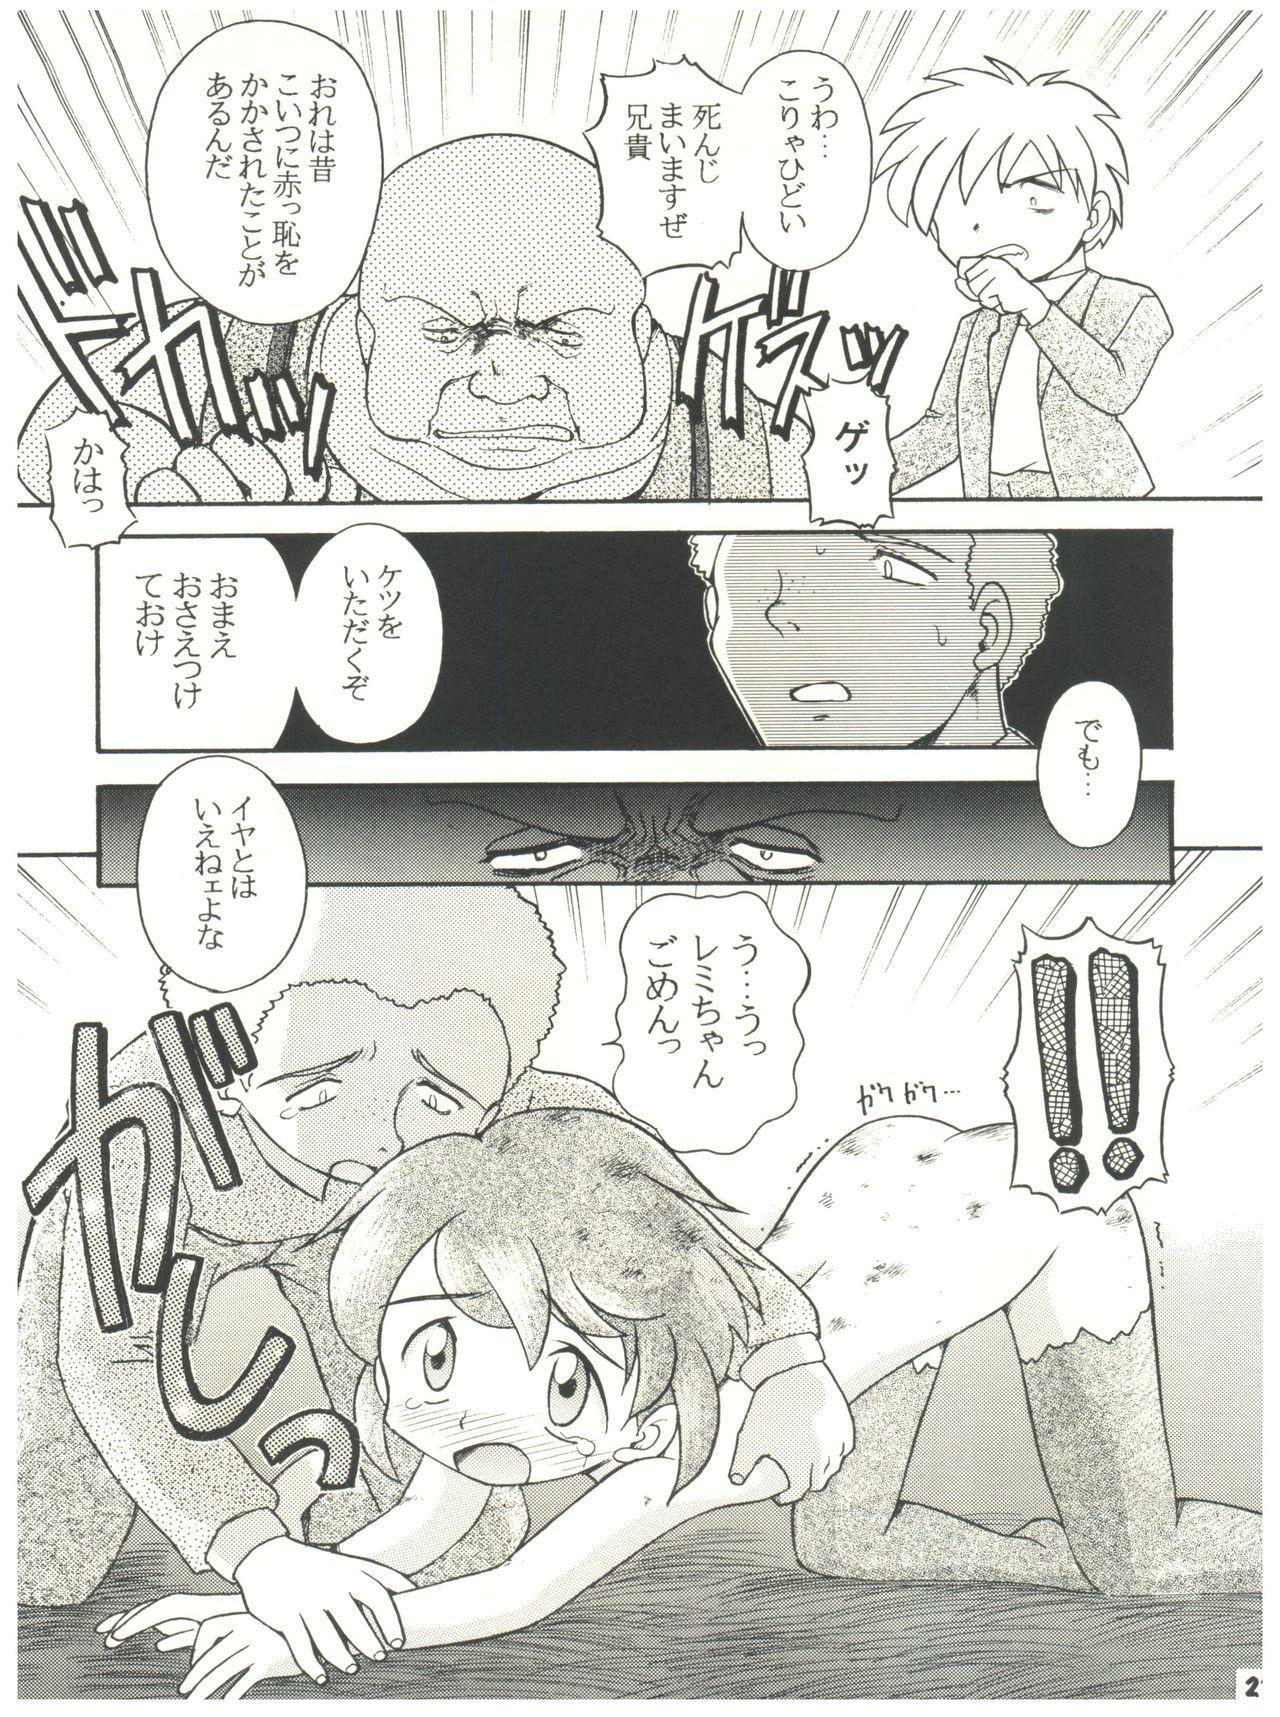 [Sairo Publishing (J. Sairo) En-Jack 2 (Various) 20